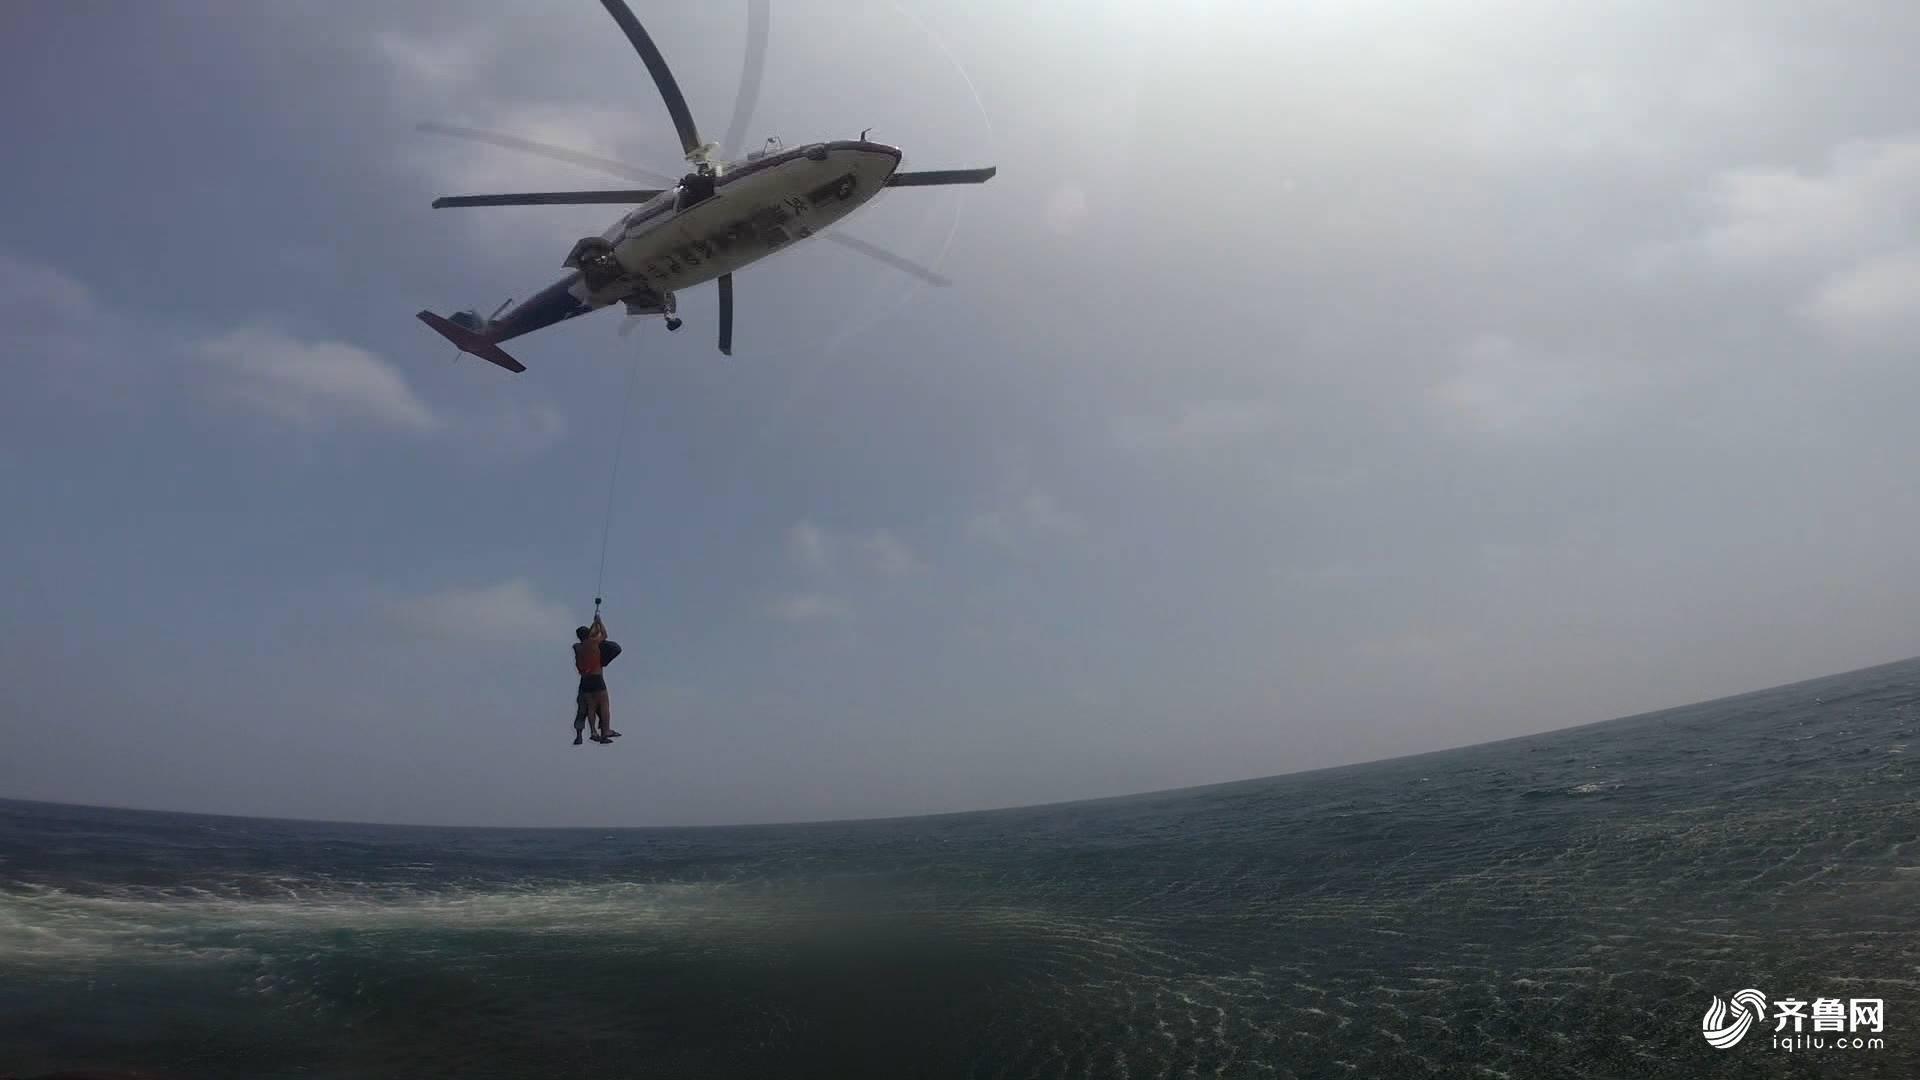 货船进水下沉 蓬莱直升机出动援救5名船员